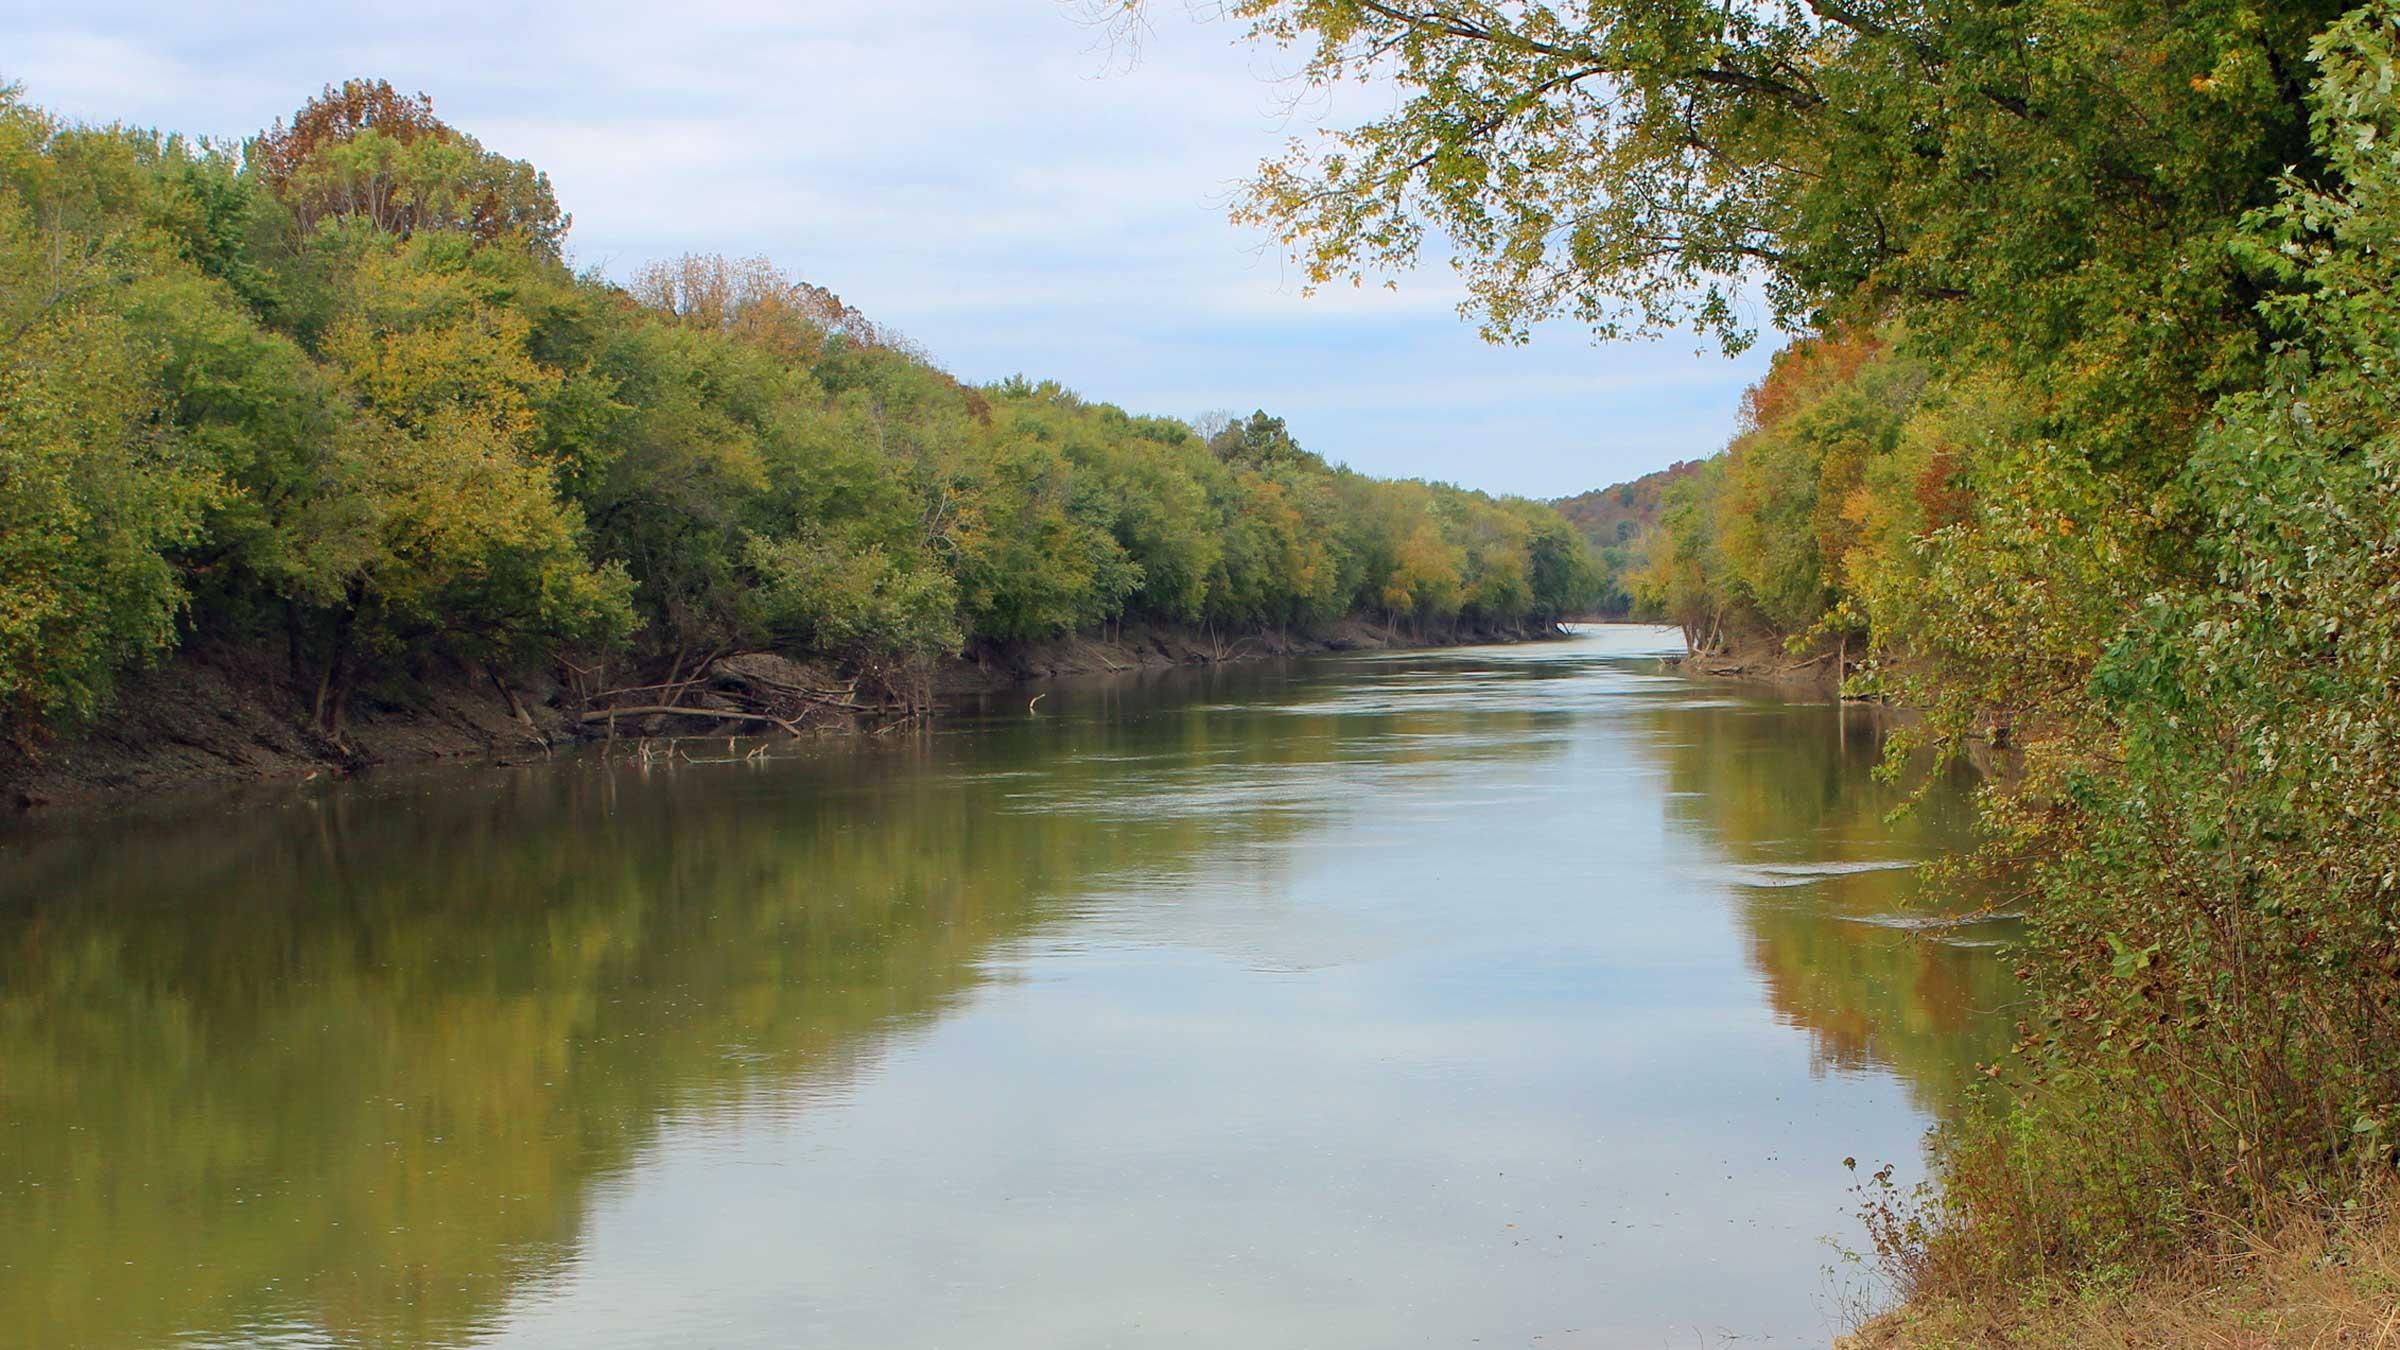 Adventure - Explore Owen County, Kentucky today.